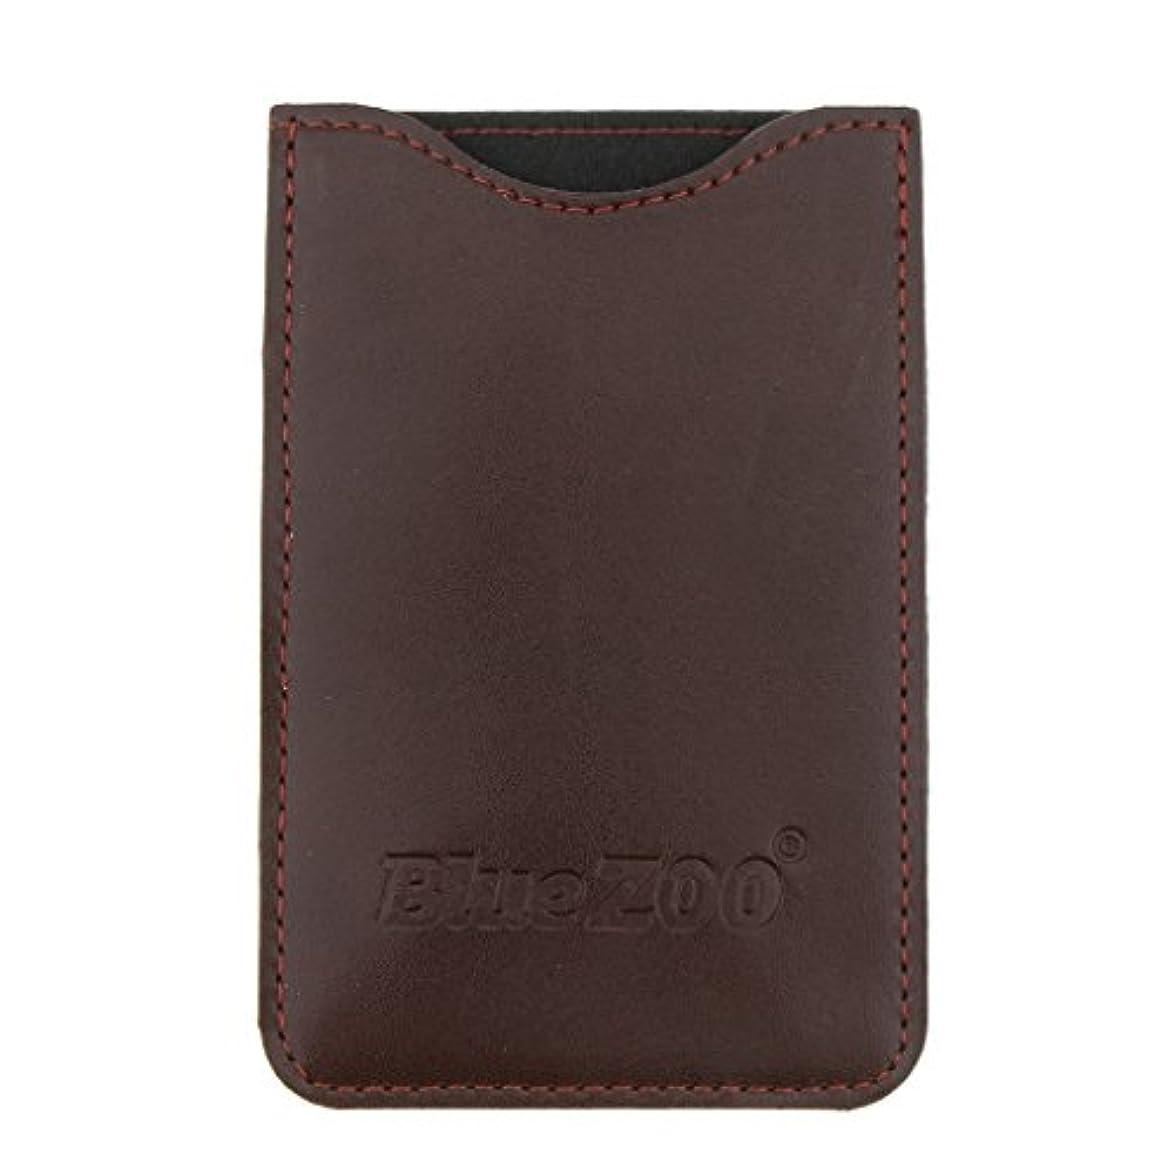 羊不利益症状コームバッグ 収納ケース 収納パック PUレザー ポケット 柔らかい 全2色 - 褐色